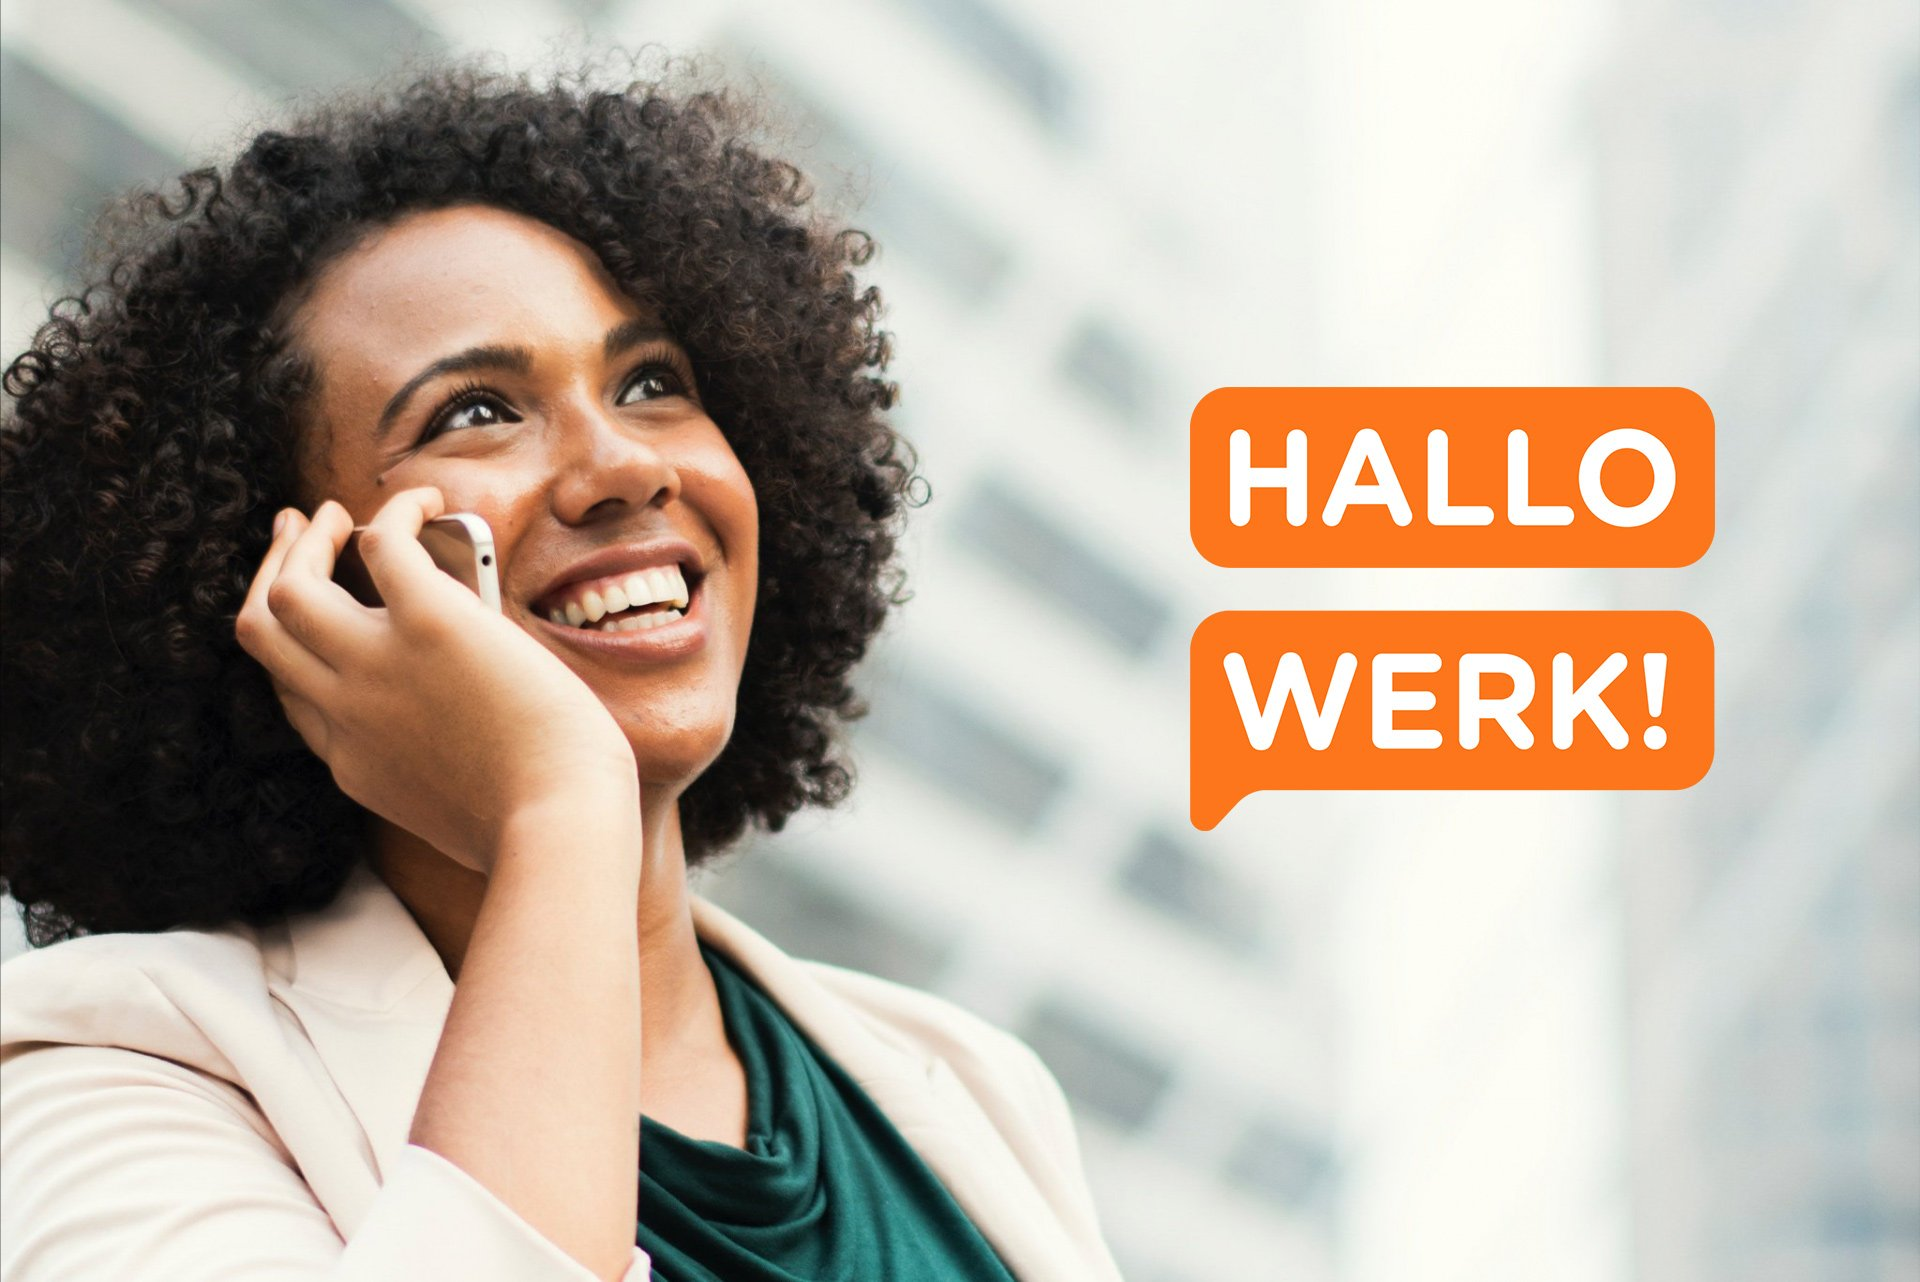 Doorontwikkeling HalloWerk vergroot kansen voor werkzoekenden